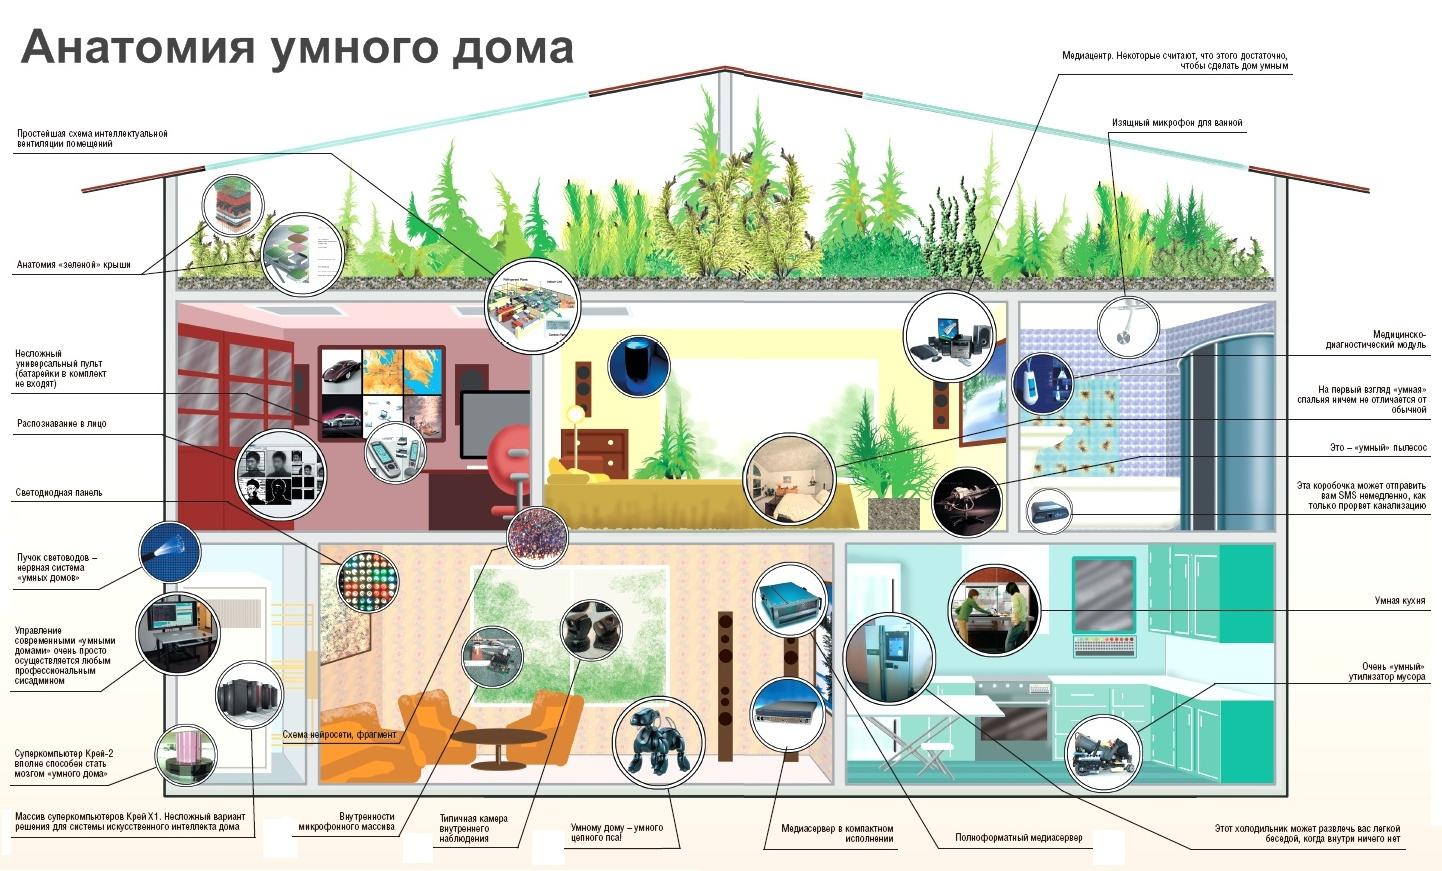 Идеи для умного дома своими руками